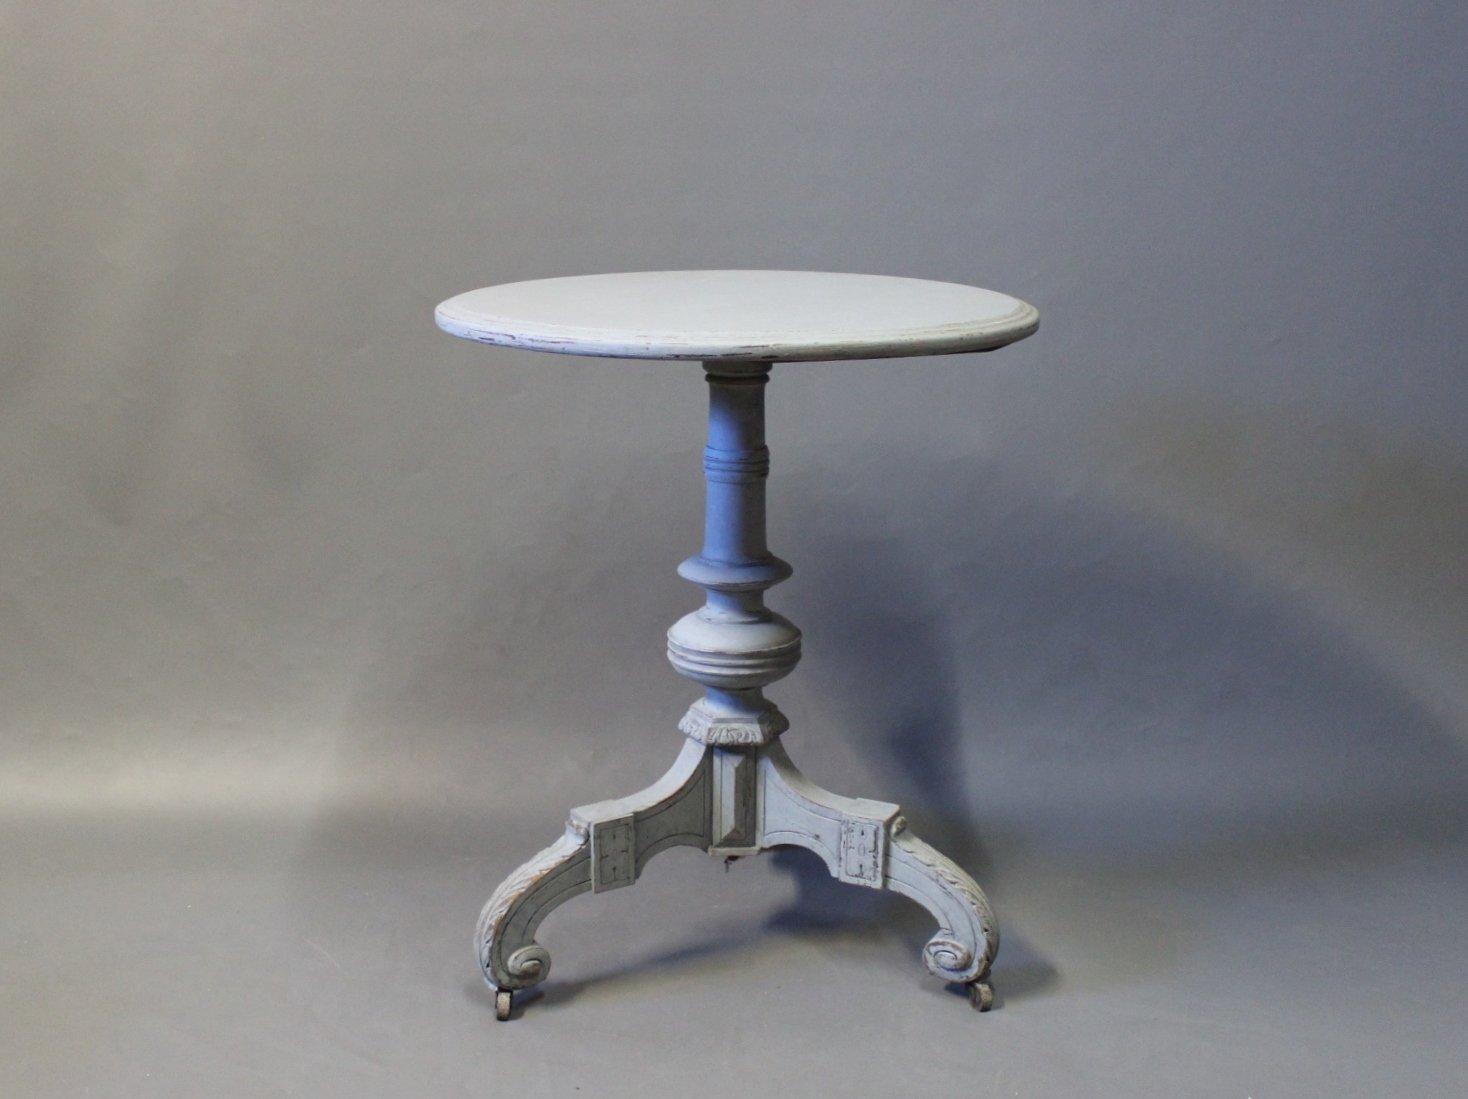 table d 39 appoint ronde style gustavien grise sur roulettes 1860s en vente sur pamono. Black Bedroom Furniture Sets. Home Design Ideas